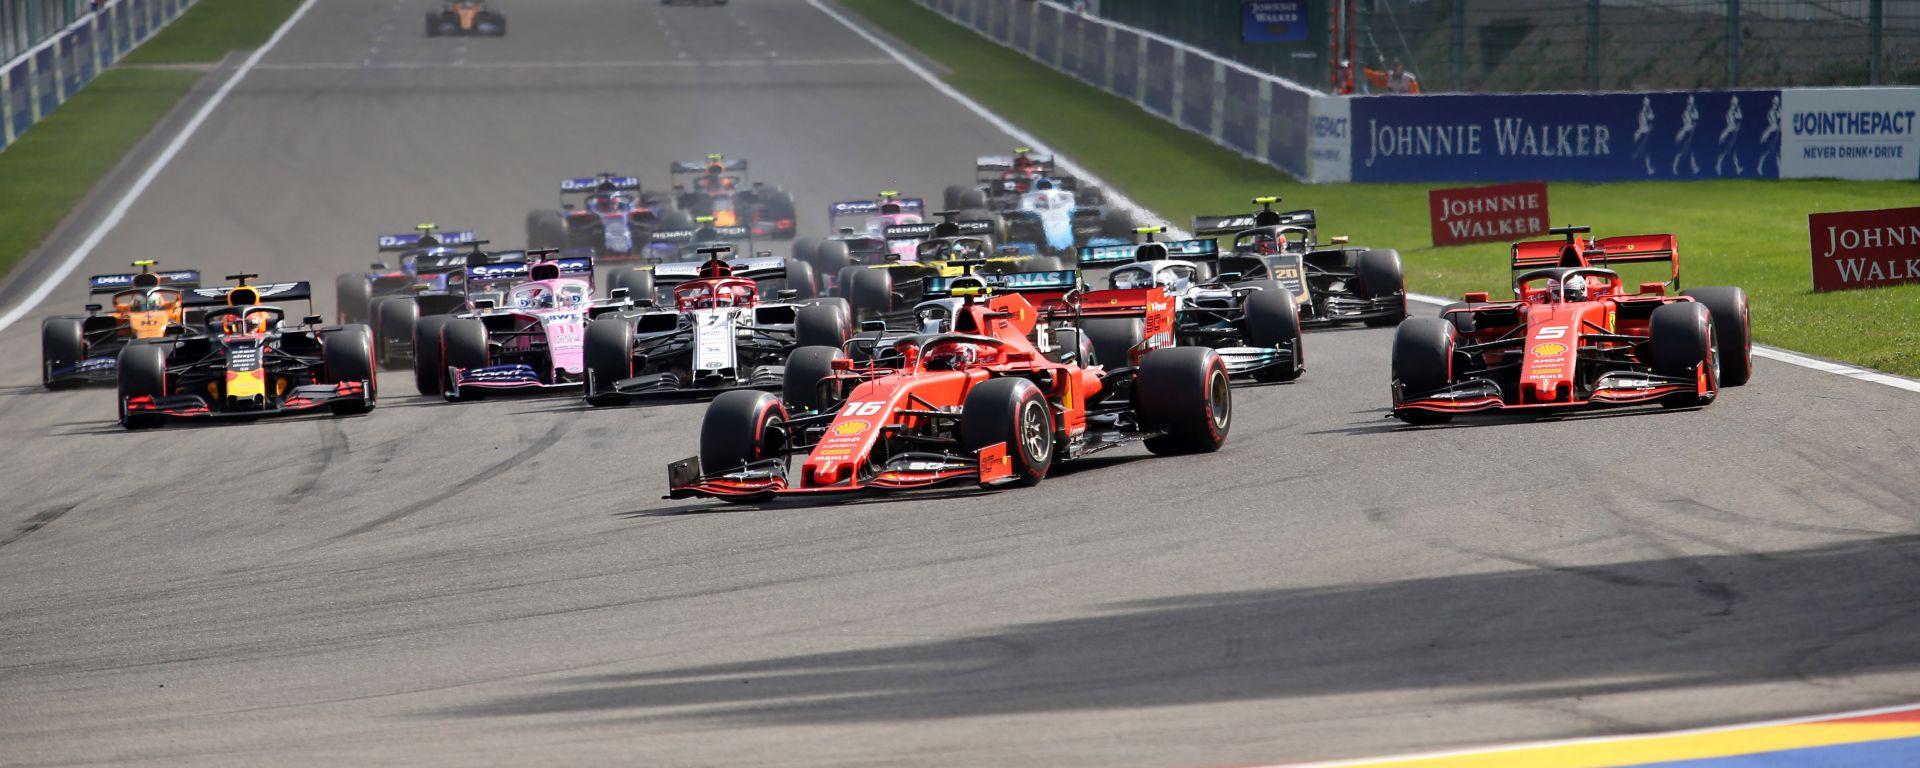 F1 GP Belgio 2019, Spa: la partenza della gara con Leclerc (Ferrari) al comando del gruppo